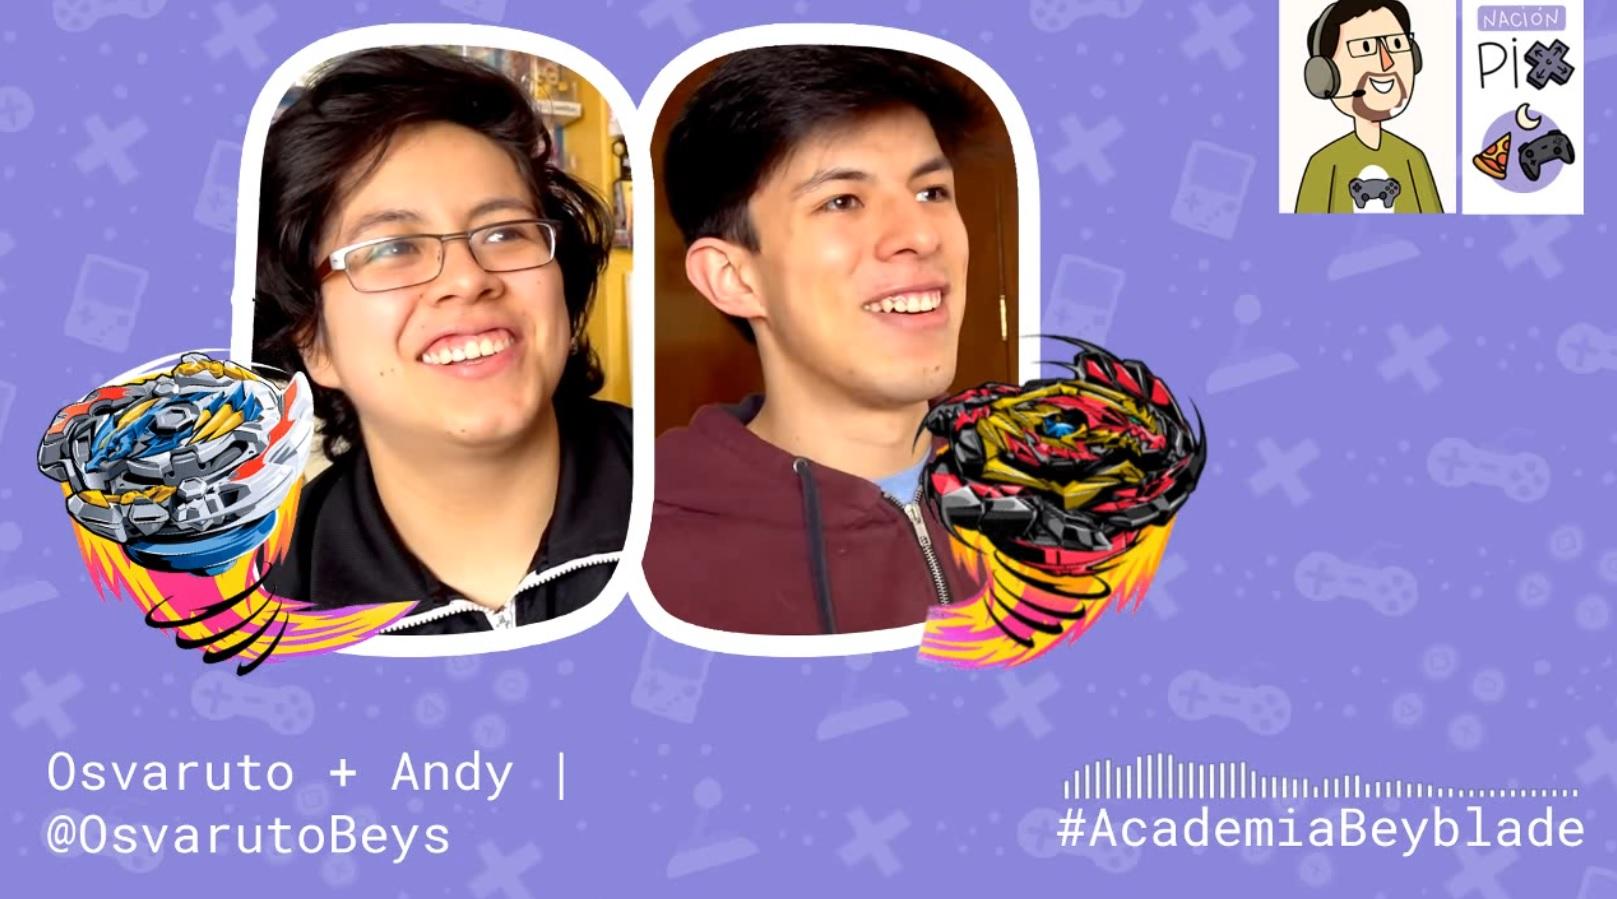 Entrevista | Osvaruto + Andy – Academia Beyblade